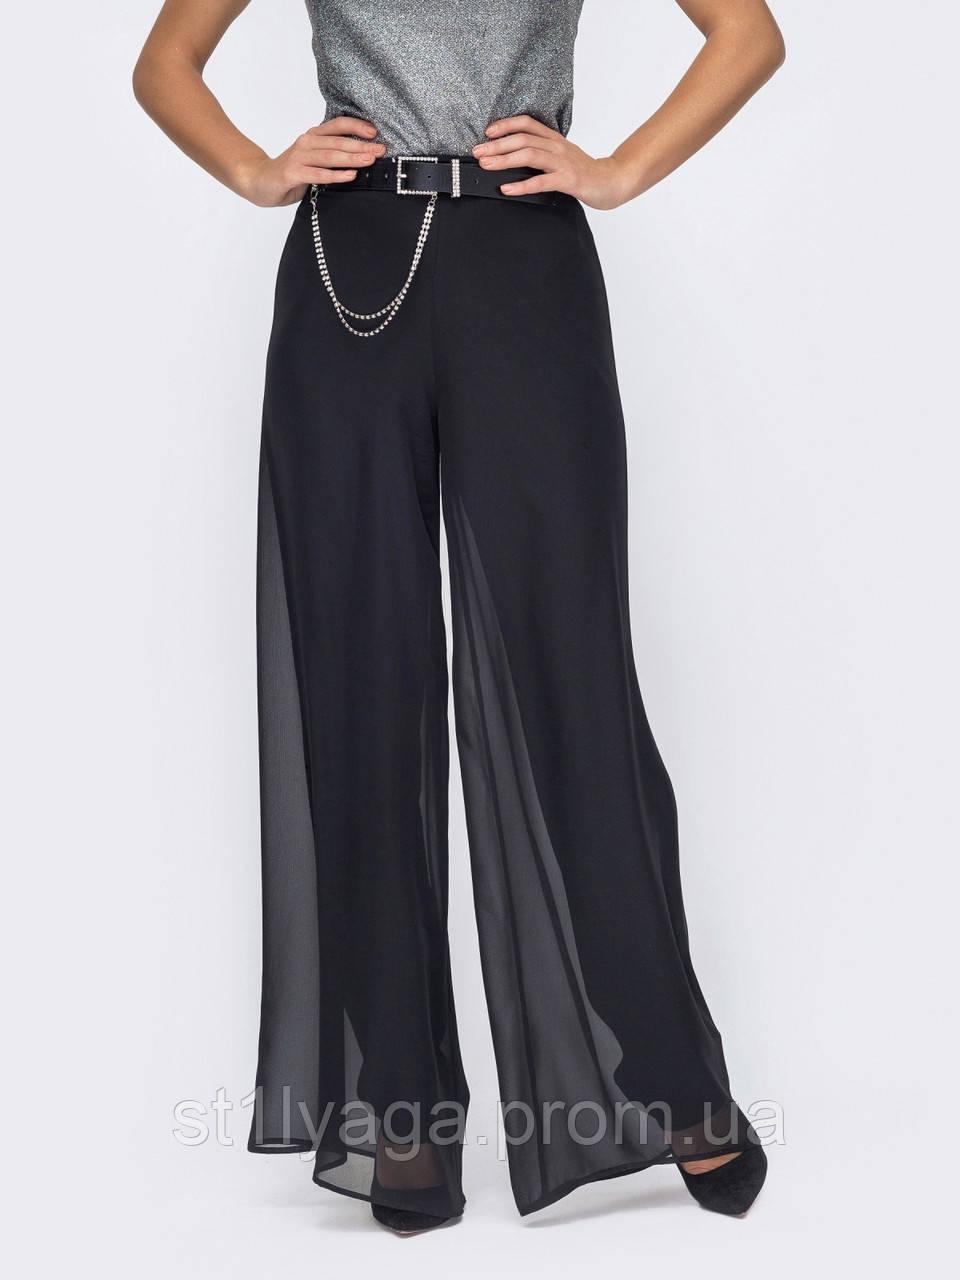 Чорні штани-палаццо з високою талією ЛІТО